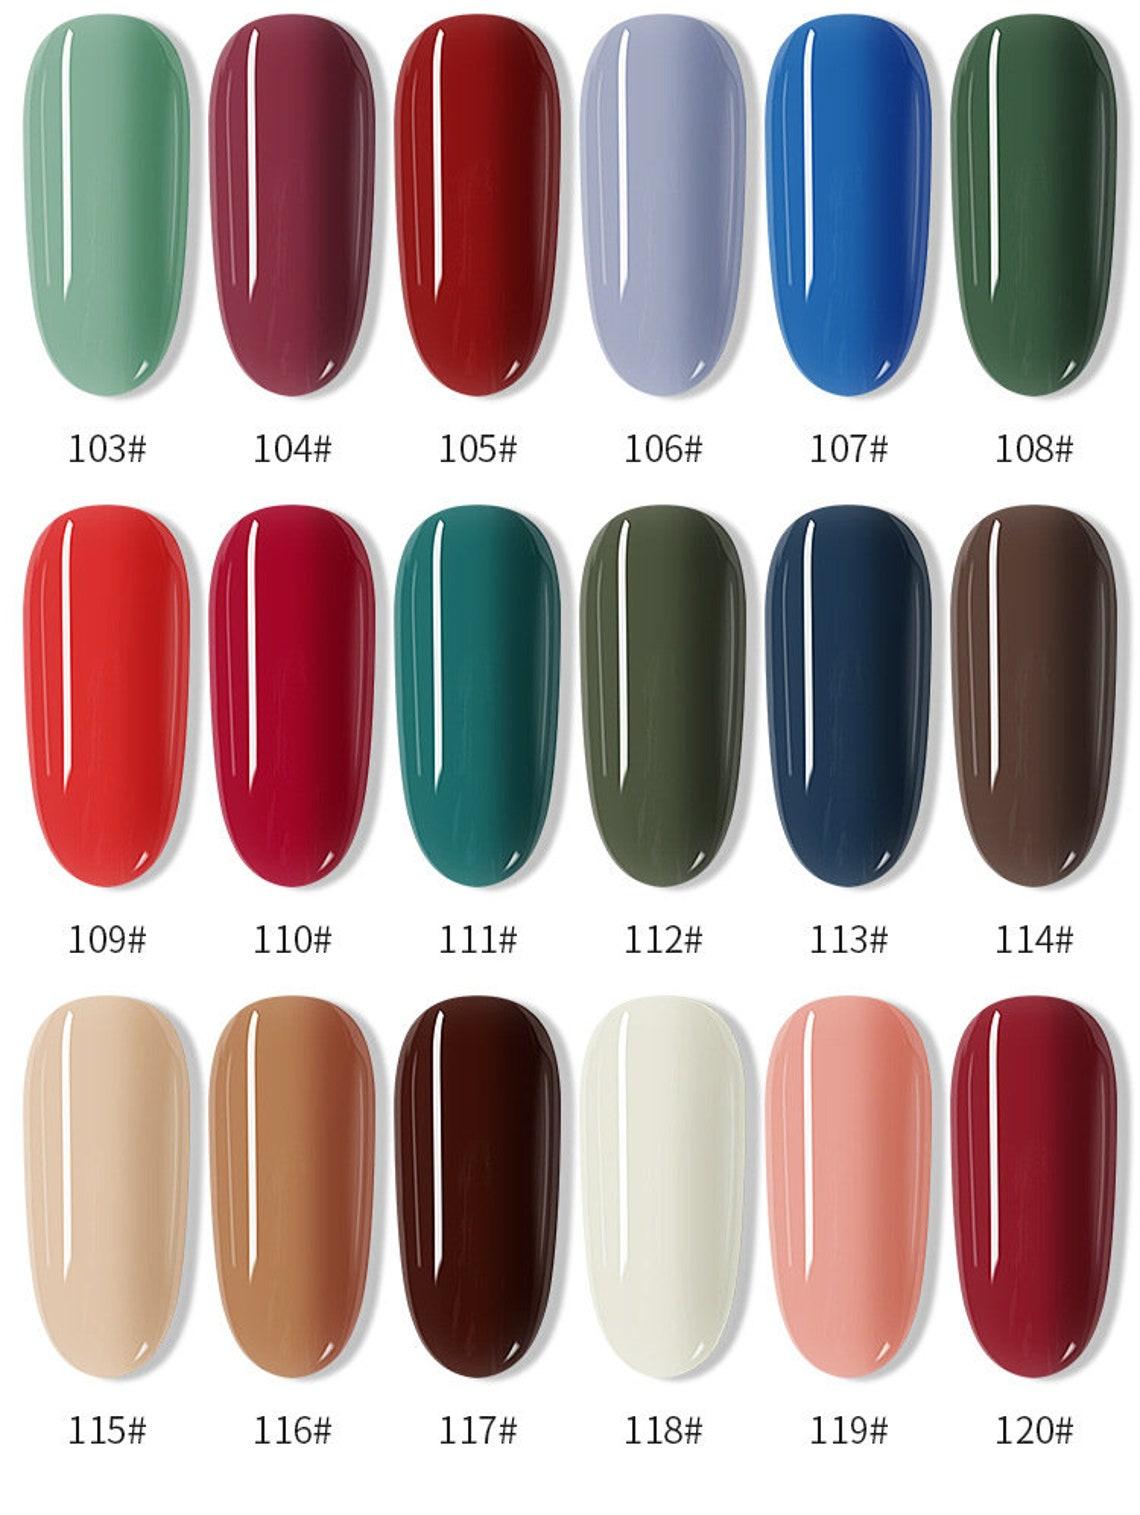 120 colors Nail Stamping Polish 7.5ml Colorful Printing image 7